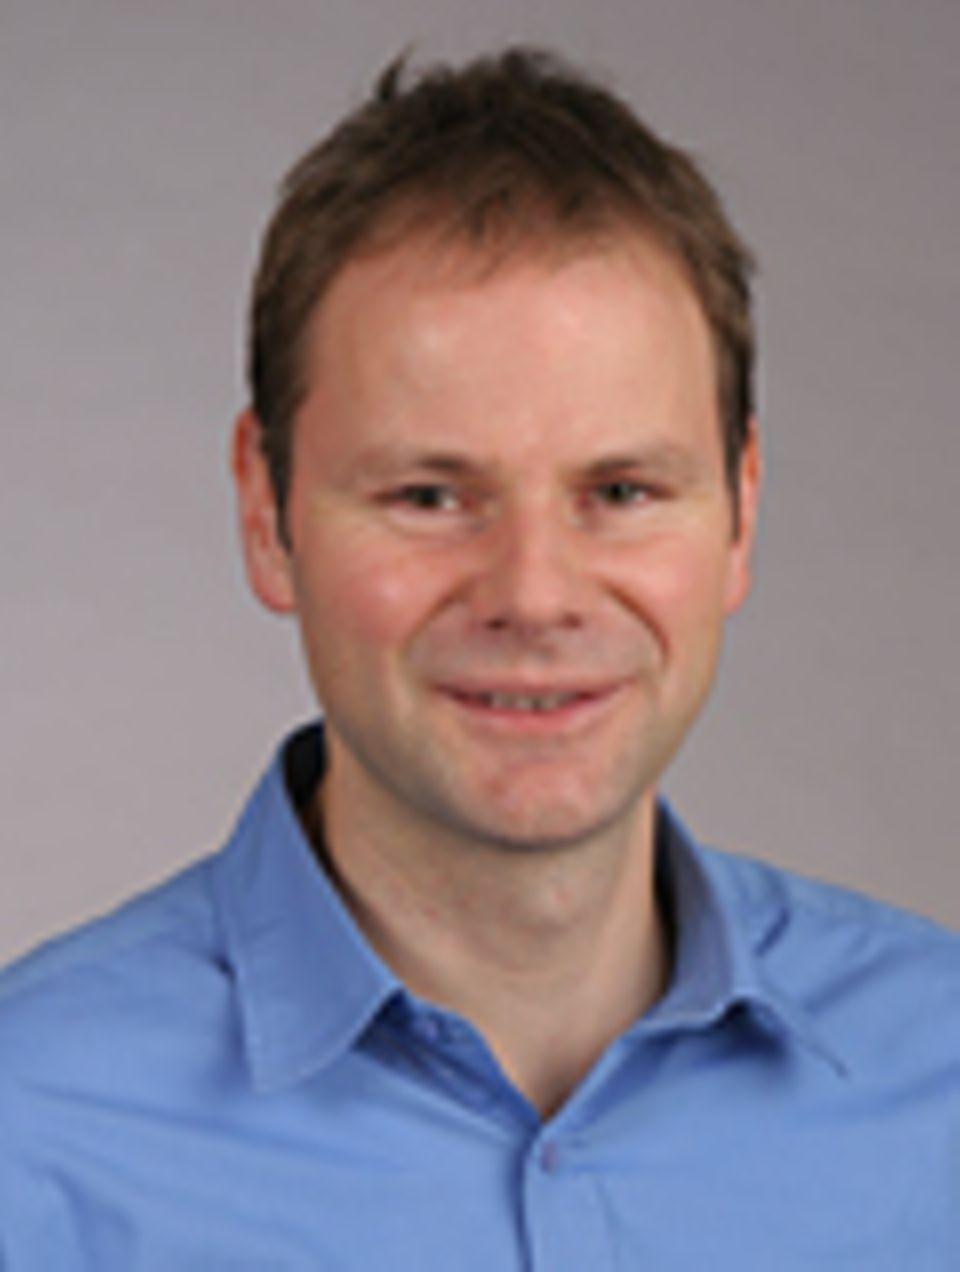 Veit Bürger ist wissenschaftlicher Mitarbeiter im Bereich Energie und Klimaschutz im Öko-Institut Freiburg e.V. Das Institut ist Mitinitiator des ok-power-Labels für Ökostrom